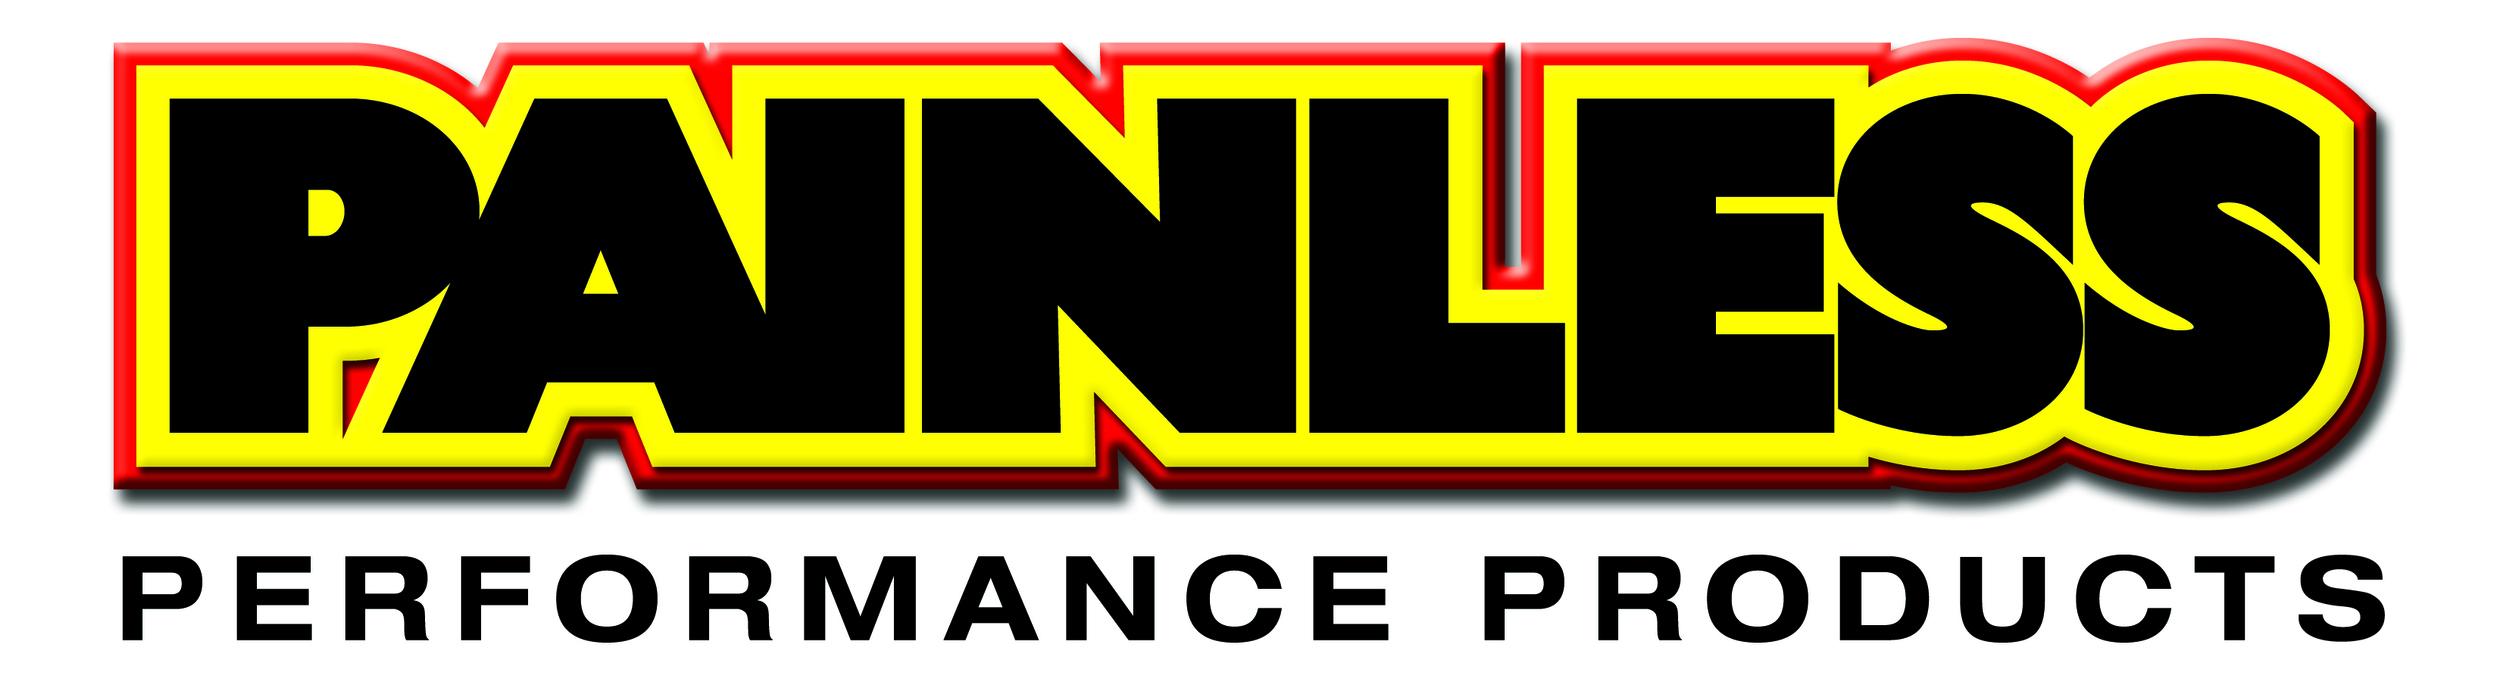 PainlessPerformance_Logo_Rendered.jpg